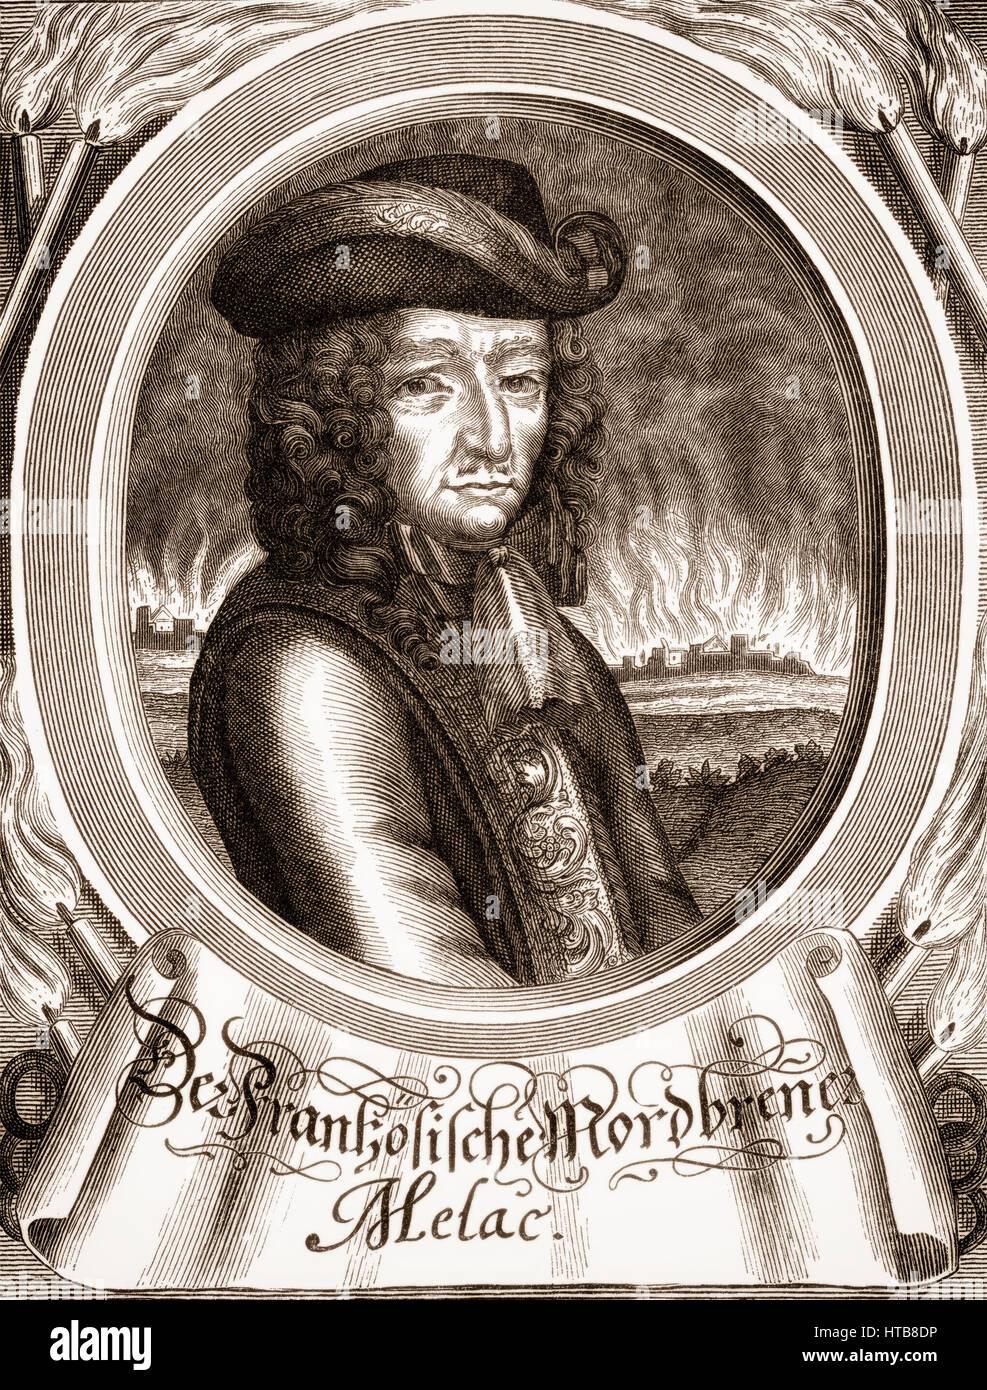 Ezéchiel du Mas, Comte de Mélac, c. 1630 - 1704, a career soldier in the French army under King Louis - Stock Image